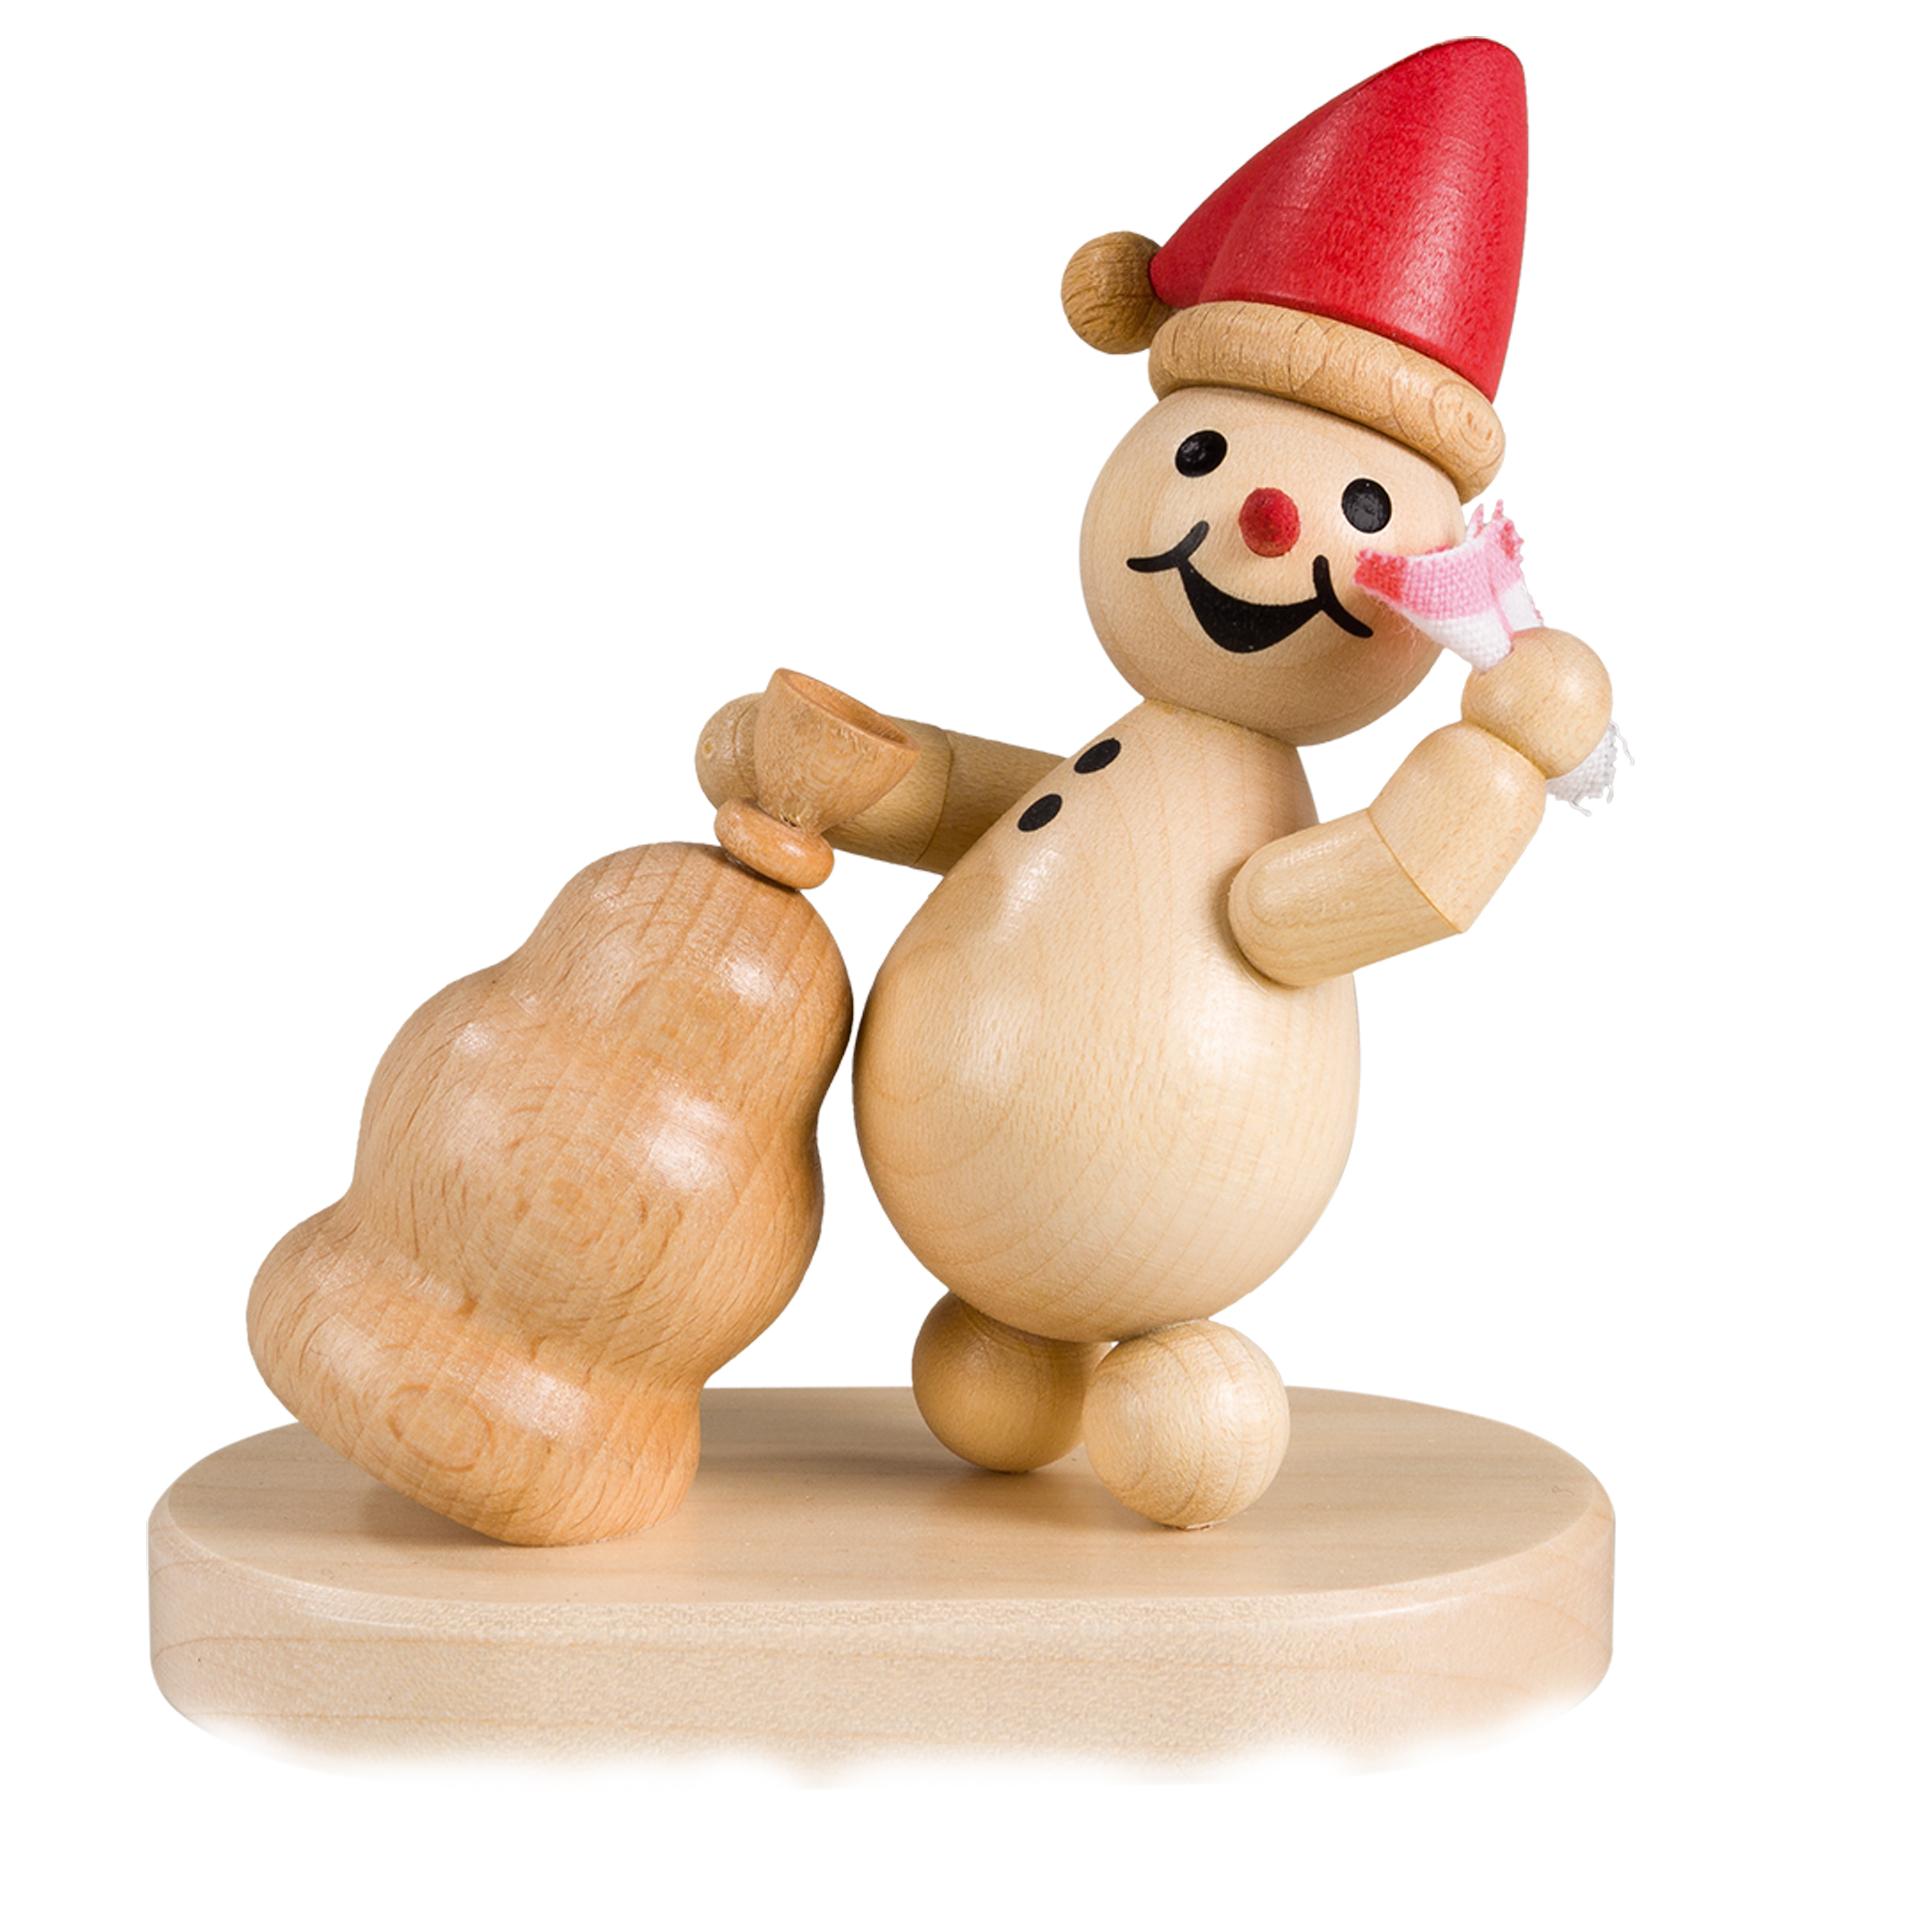 Schneemann Junior Weihnachtswichtel, rote Mütze